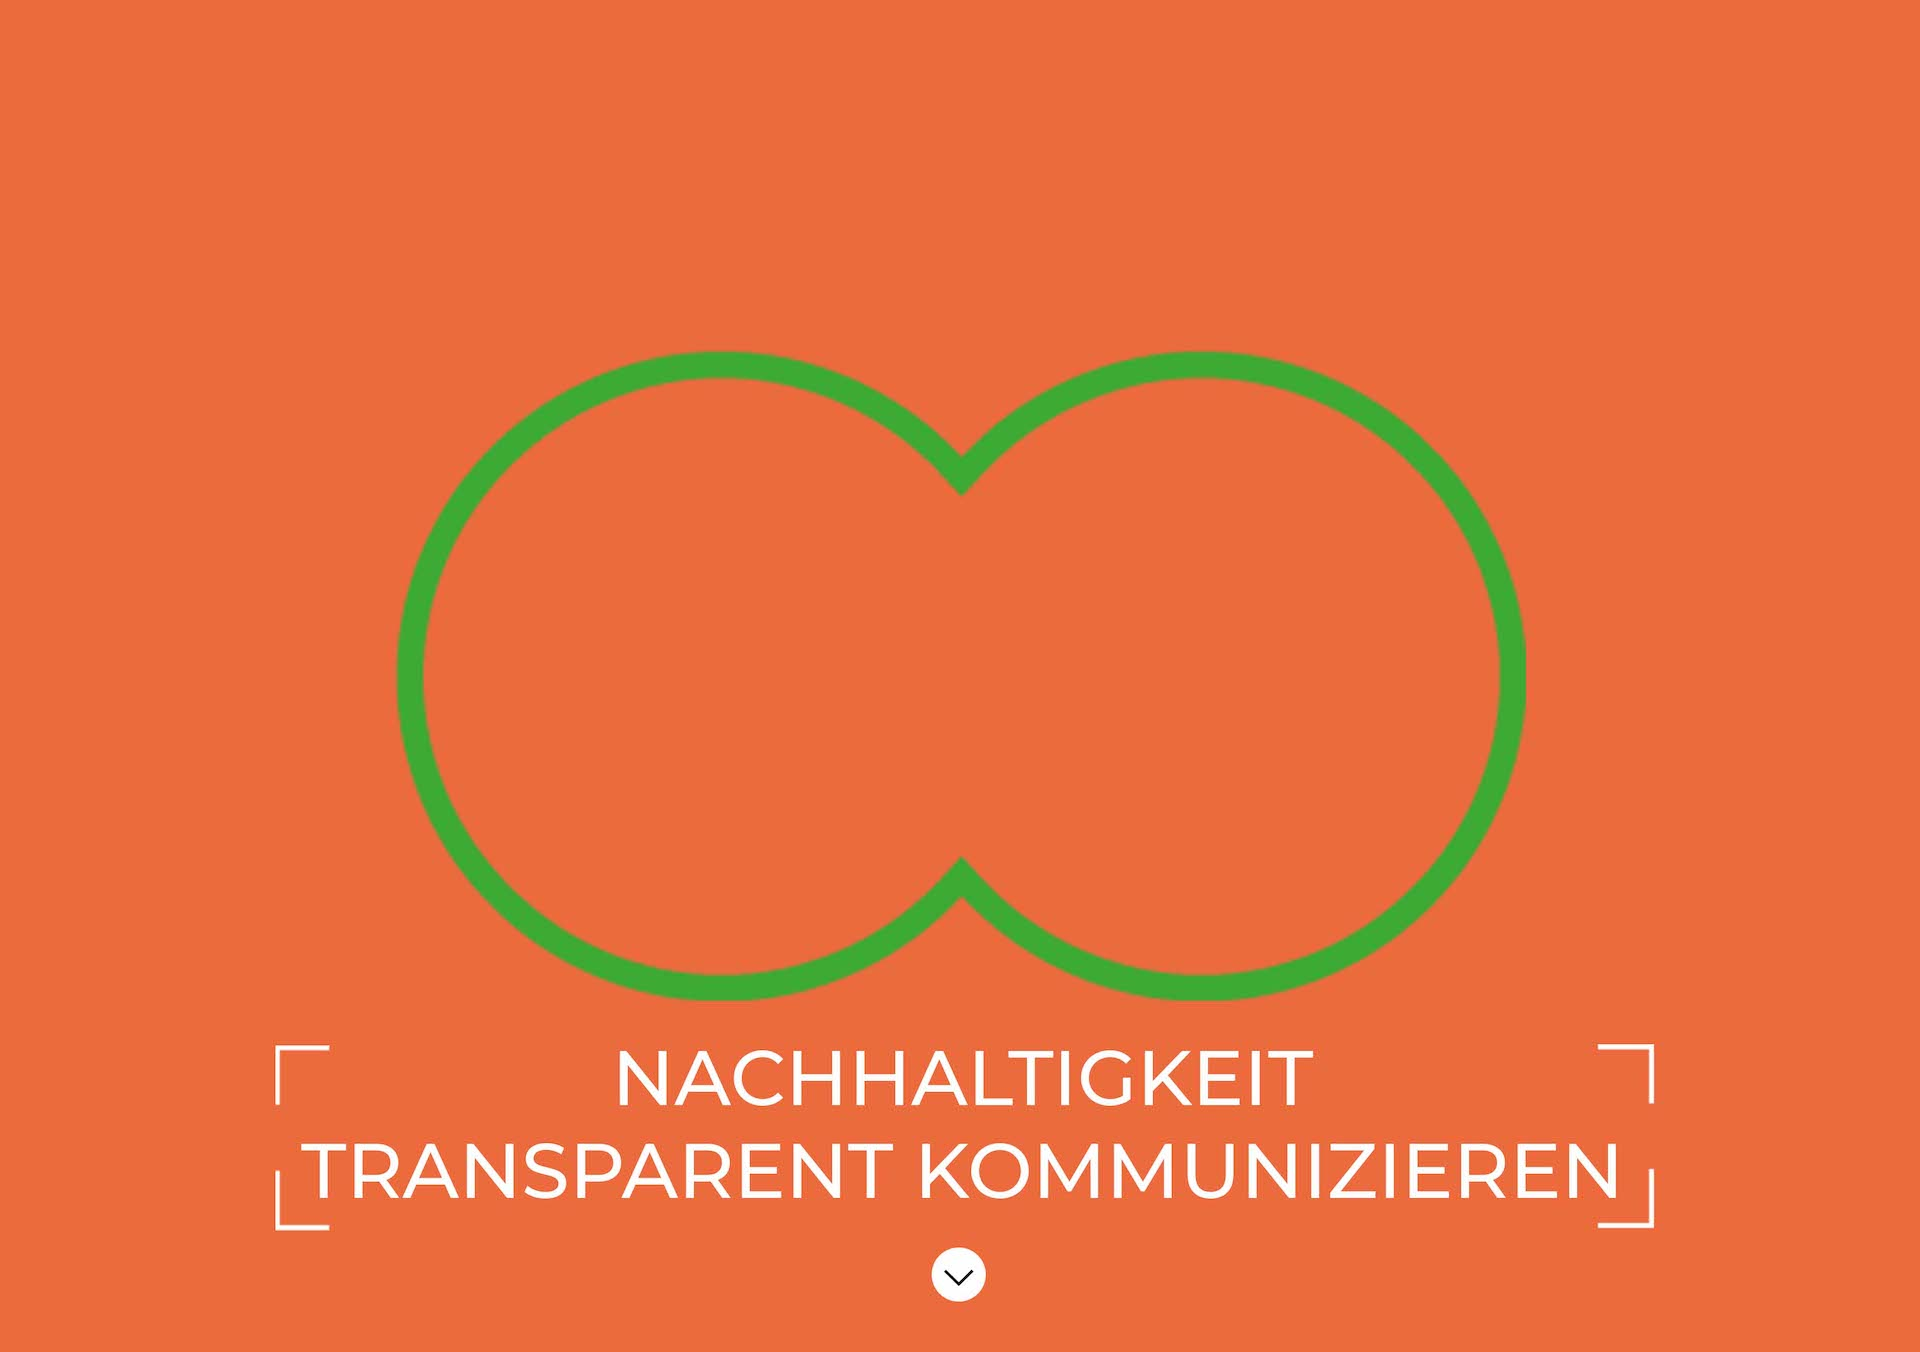 greenmoon-nachhaltigkeit-transparent-kommunizieren